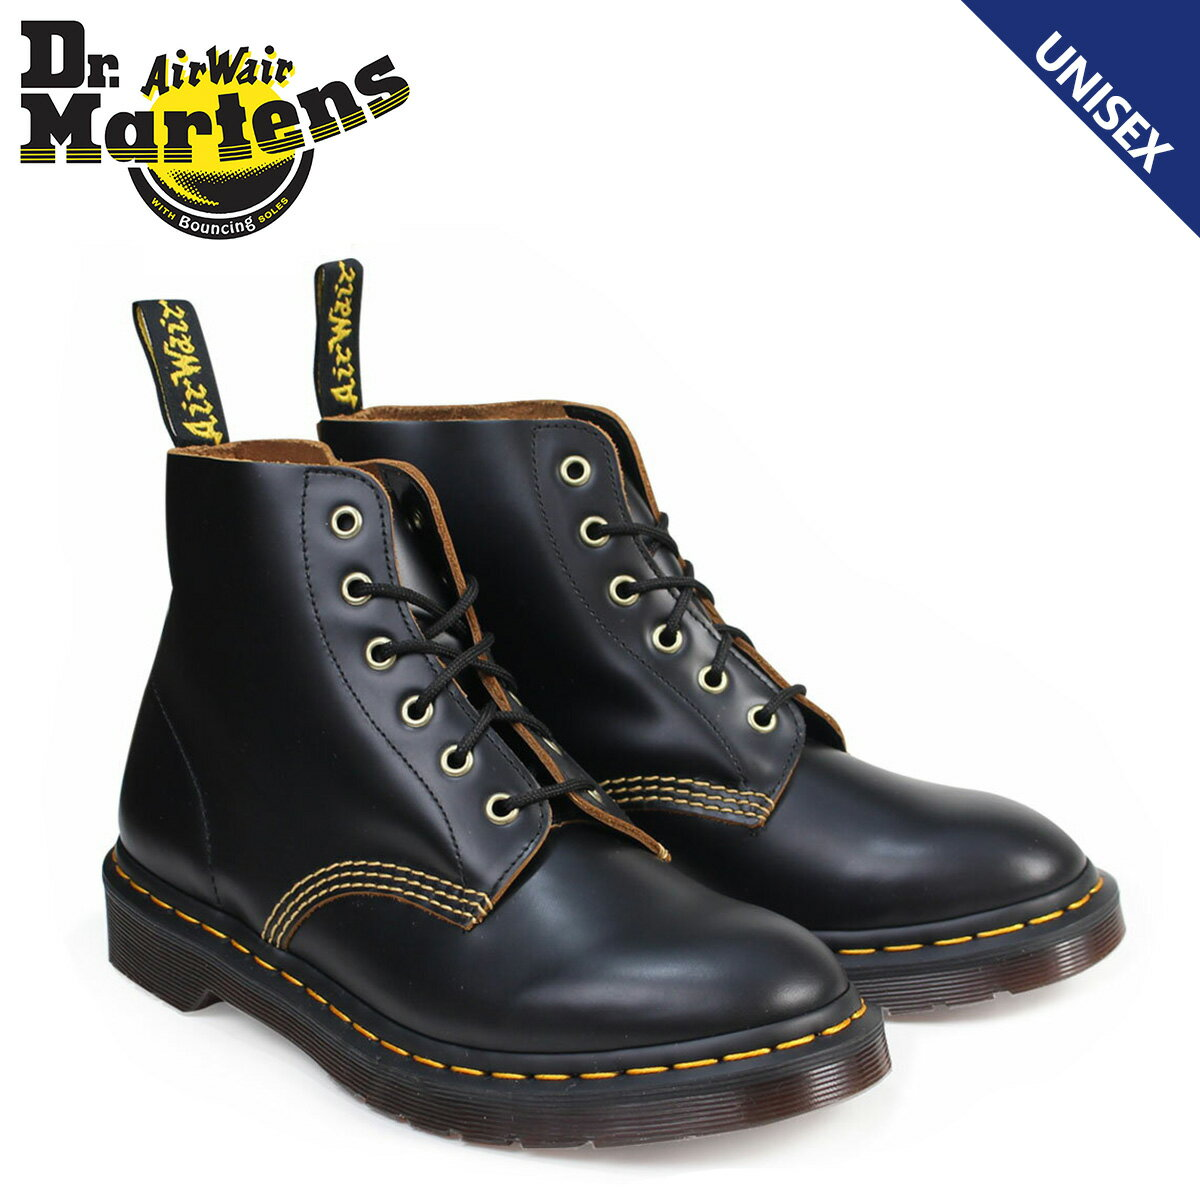 ドクターマーチン 6ホール メンズ レディース Dr.Martens ブーツ ARCHIVE 101 6EYE BOOT R22701001 ブラック